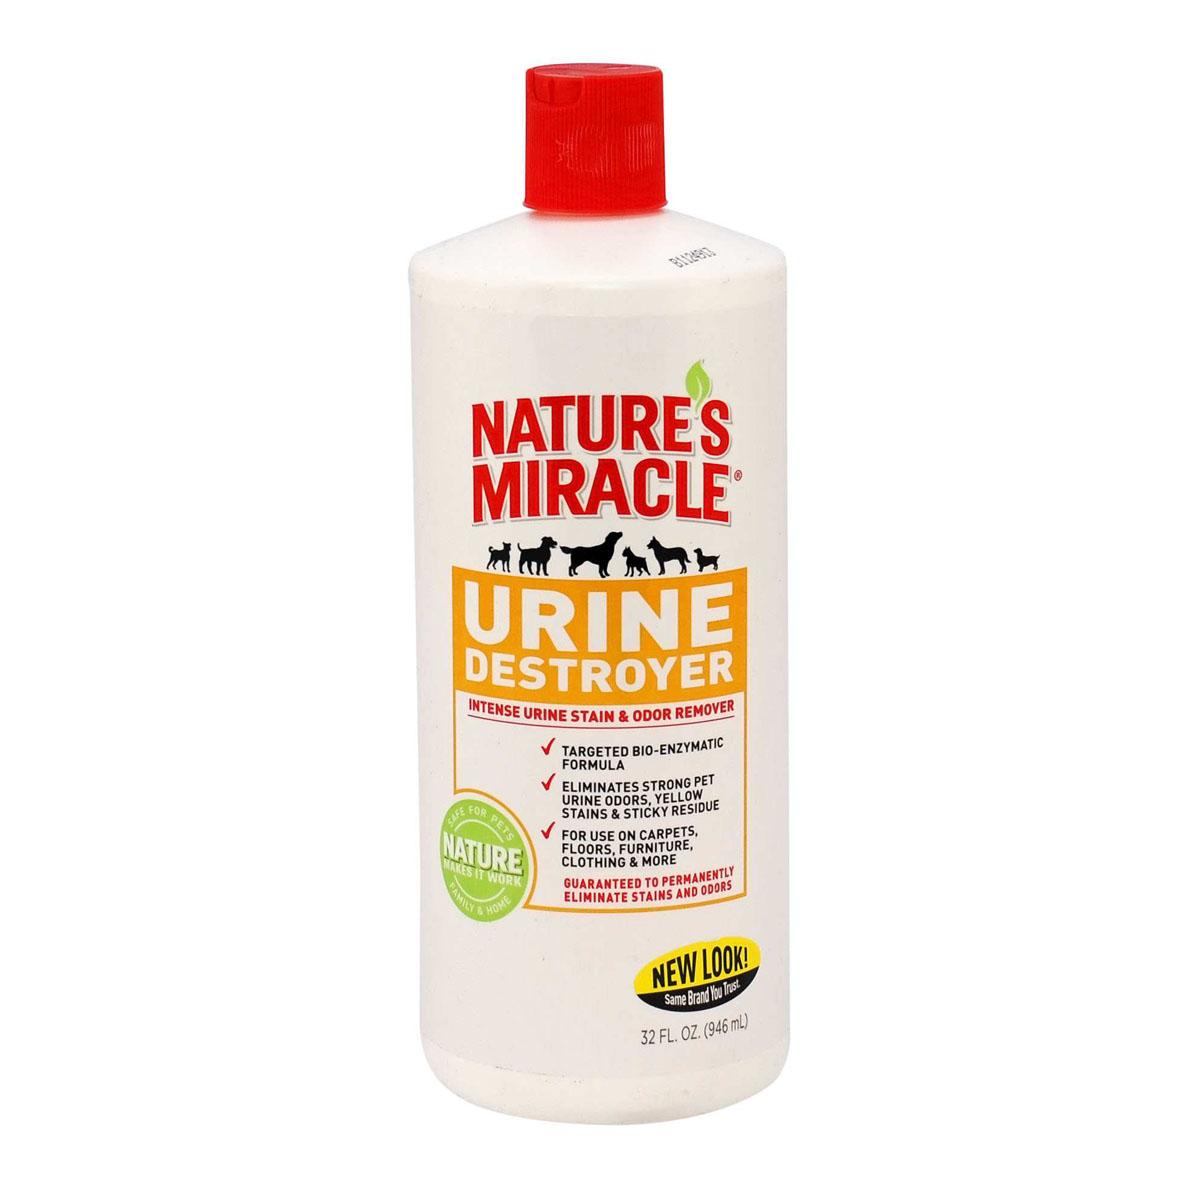 Уничтожитель запаха, пятен и осадка от мочи собак Natures Miracle, 945 мл0120710Уничтожитель пятен и запахов мочи Natures Miracle специально разработан для устранения стойких пятен и запахов от мочи вашего питомца с ковров, твердых поверхностей, тканей, переносок и т. п. Благодаря использованию передовых технологий, включая нашу био-энзимную формулу, обогащенную активным кислородом, Уничтожитель пятен и запахов мочи Nature's Miracle наиболее эффективно справляется с такого рода загрязнениями. Кроме того, средство содержит технологию контроля запахов двойного действия, удаляющую запах мочи для предупреждения повторных меток, и оставляющую после себя приятный аромат. Способ применения:Внимание! Перед использованием протестируйте поверхность на цветоустойчивость на незаметном участке. Нанесите средство, подождите 5 минут и вытрите поверхность тканью. Если область изменила цвет, не применяйте это средство. Выведение пятен и удаление запахов:1) Вытрите пятно, насколько это возможно, затем полностью замочите его в средстве. 2) Подождите 5 минут и вытрите поверхность тканью.3) Не подпускайте животных к обработанной области до ее полного высыхания. Для трудно выводимых пятен используйте щетку с жесткой щетиной. Если пятно удалилось не полностью, нанесите средство заново, подождите в течение часа и вытрите пятно тканью. 4) Для выведения стойких запахов с ковров (например, мочи) пропитайте весь источающий запах материал. Это означает, что может потребоваться обработать также подкладку и пол под ковром. Подождите в течение часа и насухо промокните тканью. Позвольте обработанной области полностью высохнуть, прежде чем ожидать полного выведения запаха. Для использования при стирке: Перед стиркой пропитайте загрязненную область средством в исходной концентрации. Затем, постирайте, как обычно.Состав: вода, биоэнзимы, активаторы кислорода, изопропиловый спирт, пропиленгликоль, ароматизатор.Товар сертифицирован.